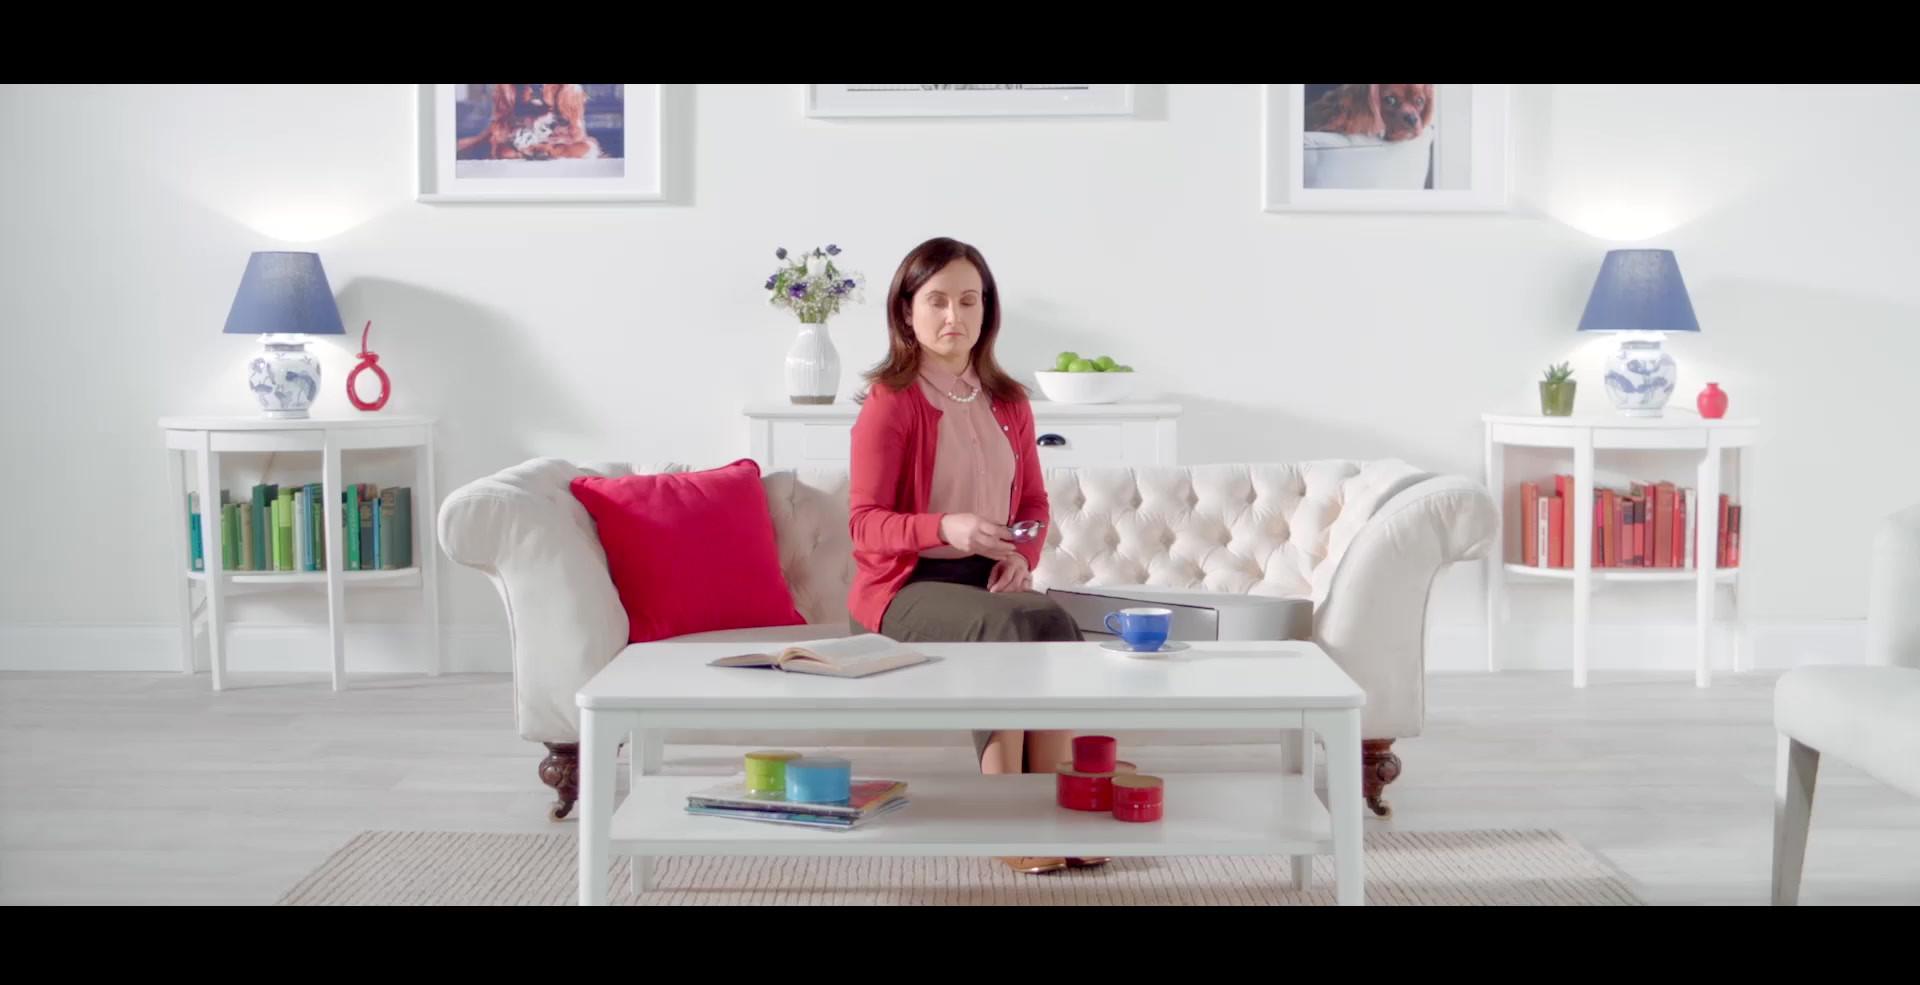 BlaBlaCar | Commercial